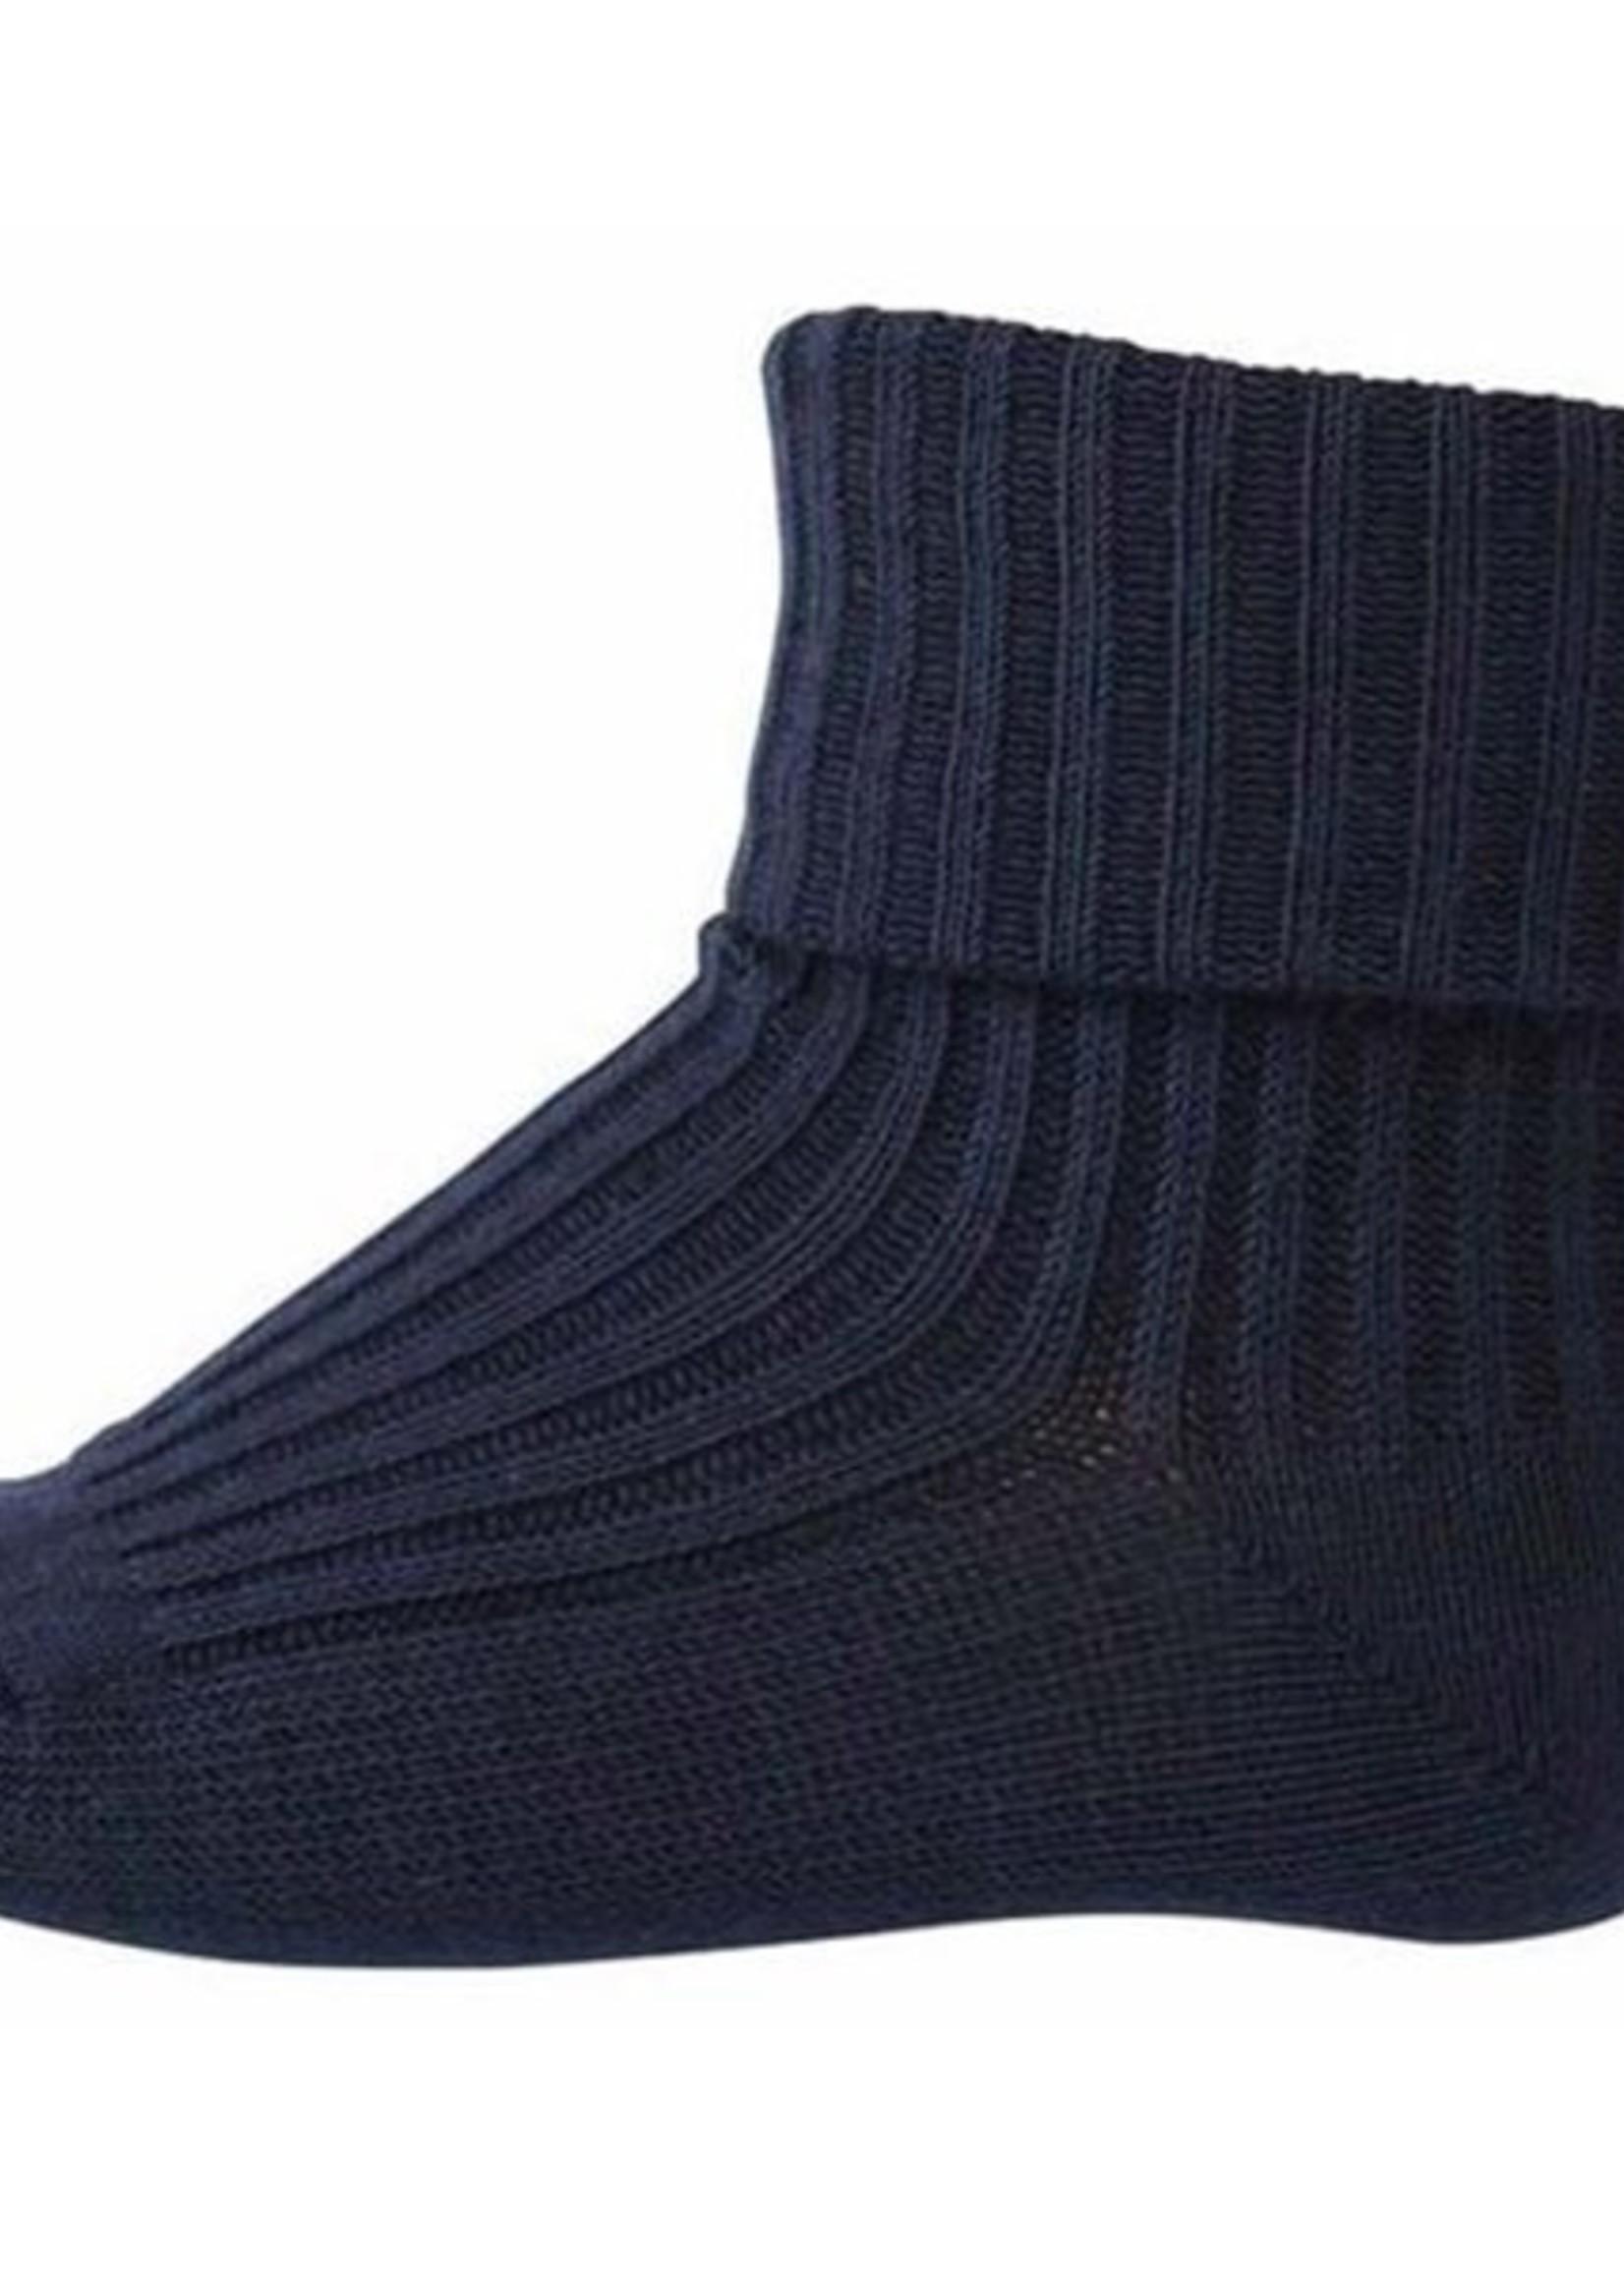 mp Denmark Rib Wool Socks - Navy